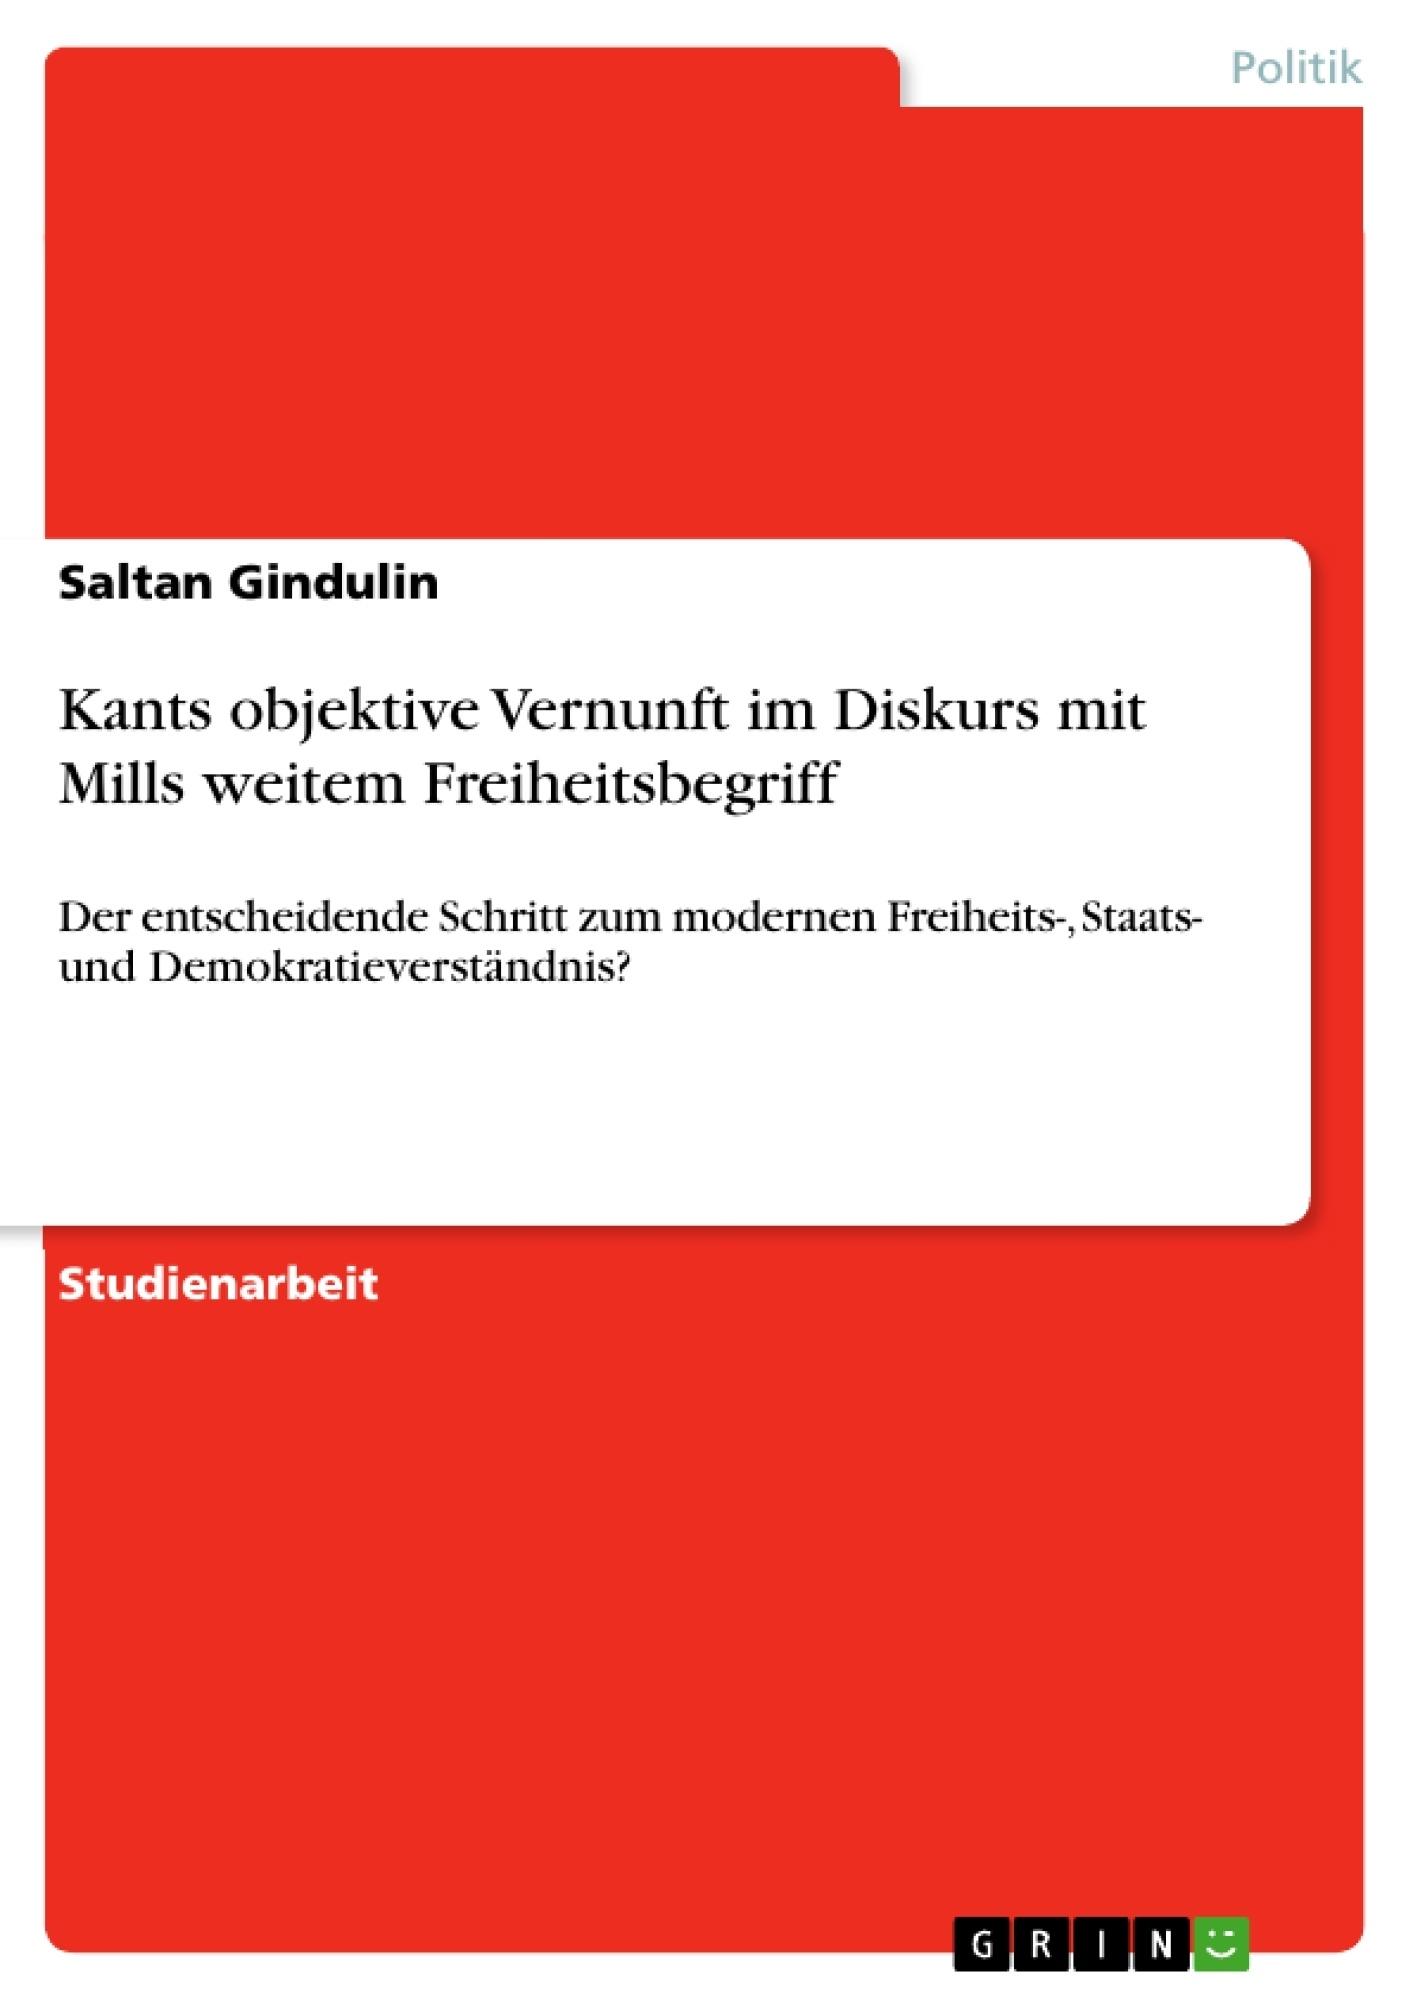 Titel: Kants objektive Vernunft im Diskurs mit Mills weitem Freiheitsbegriff